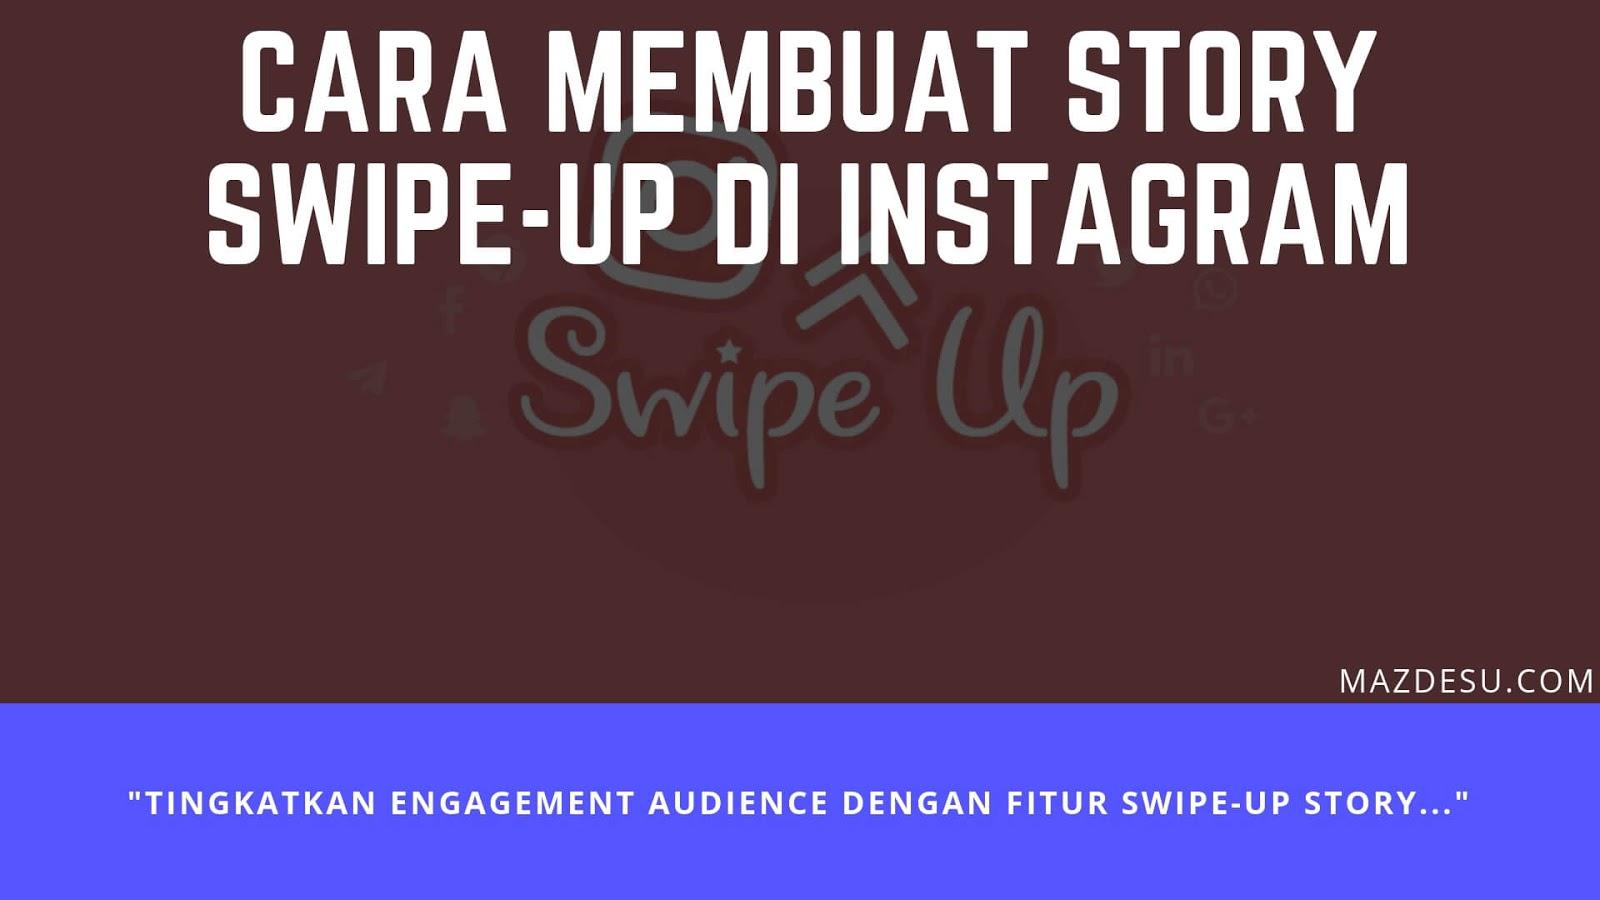 Cara Membuat Swipe-up Story di Instagram